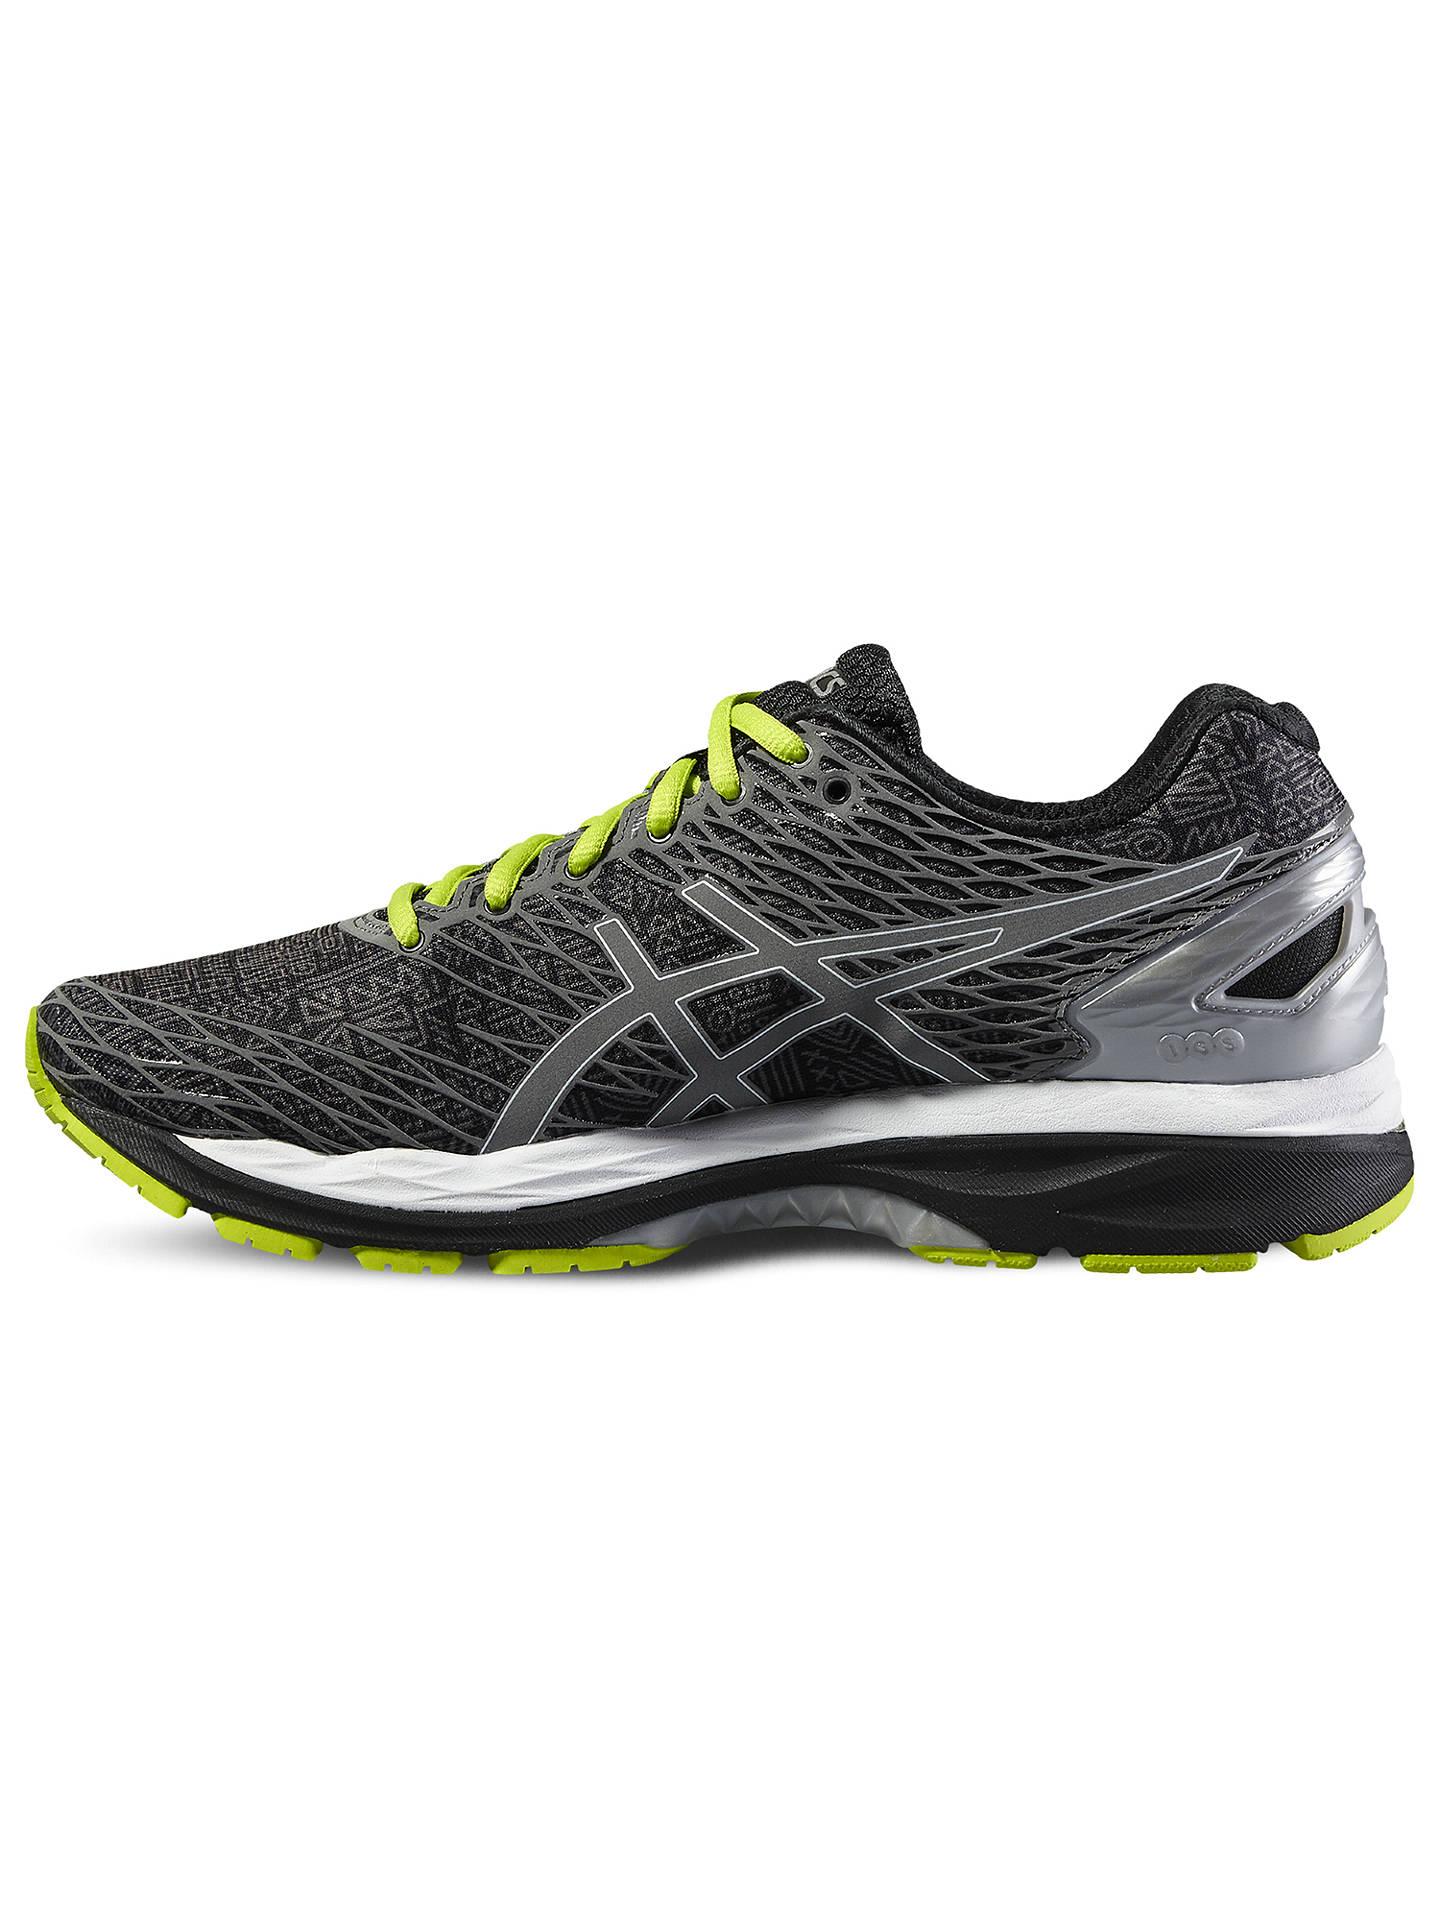 49cdbe91349f BuyAsics Gel Nimbus 18 Men s Neutral Running Shoes